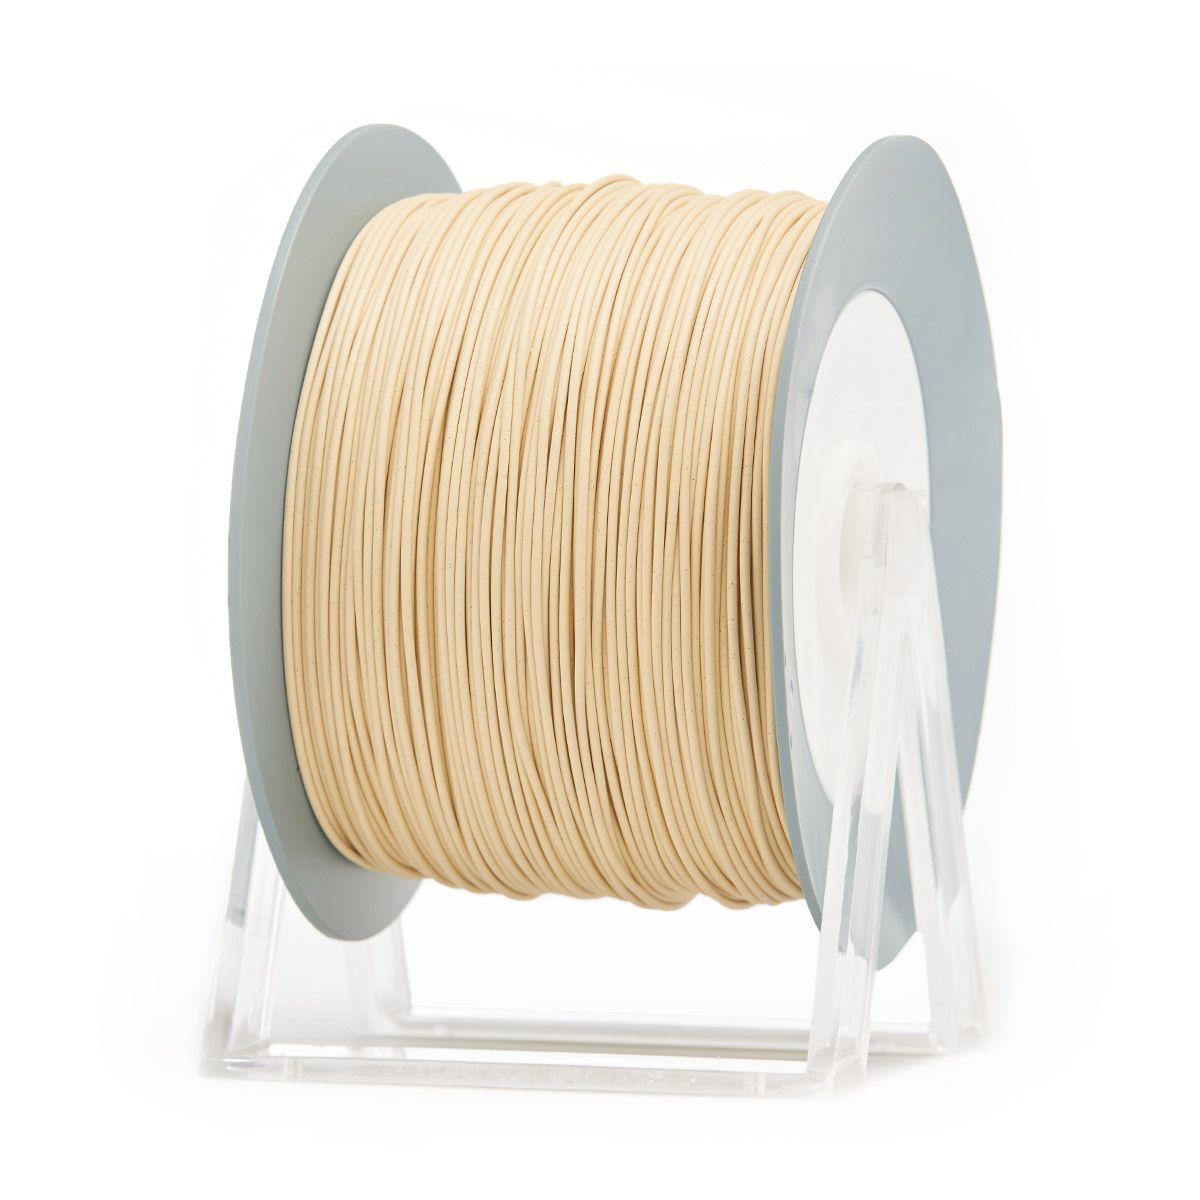 PLA Filament   Color: Travertine Effect